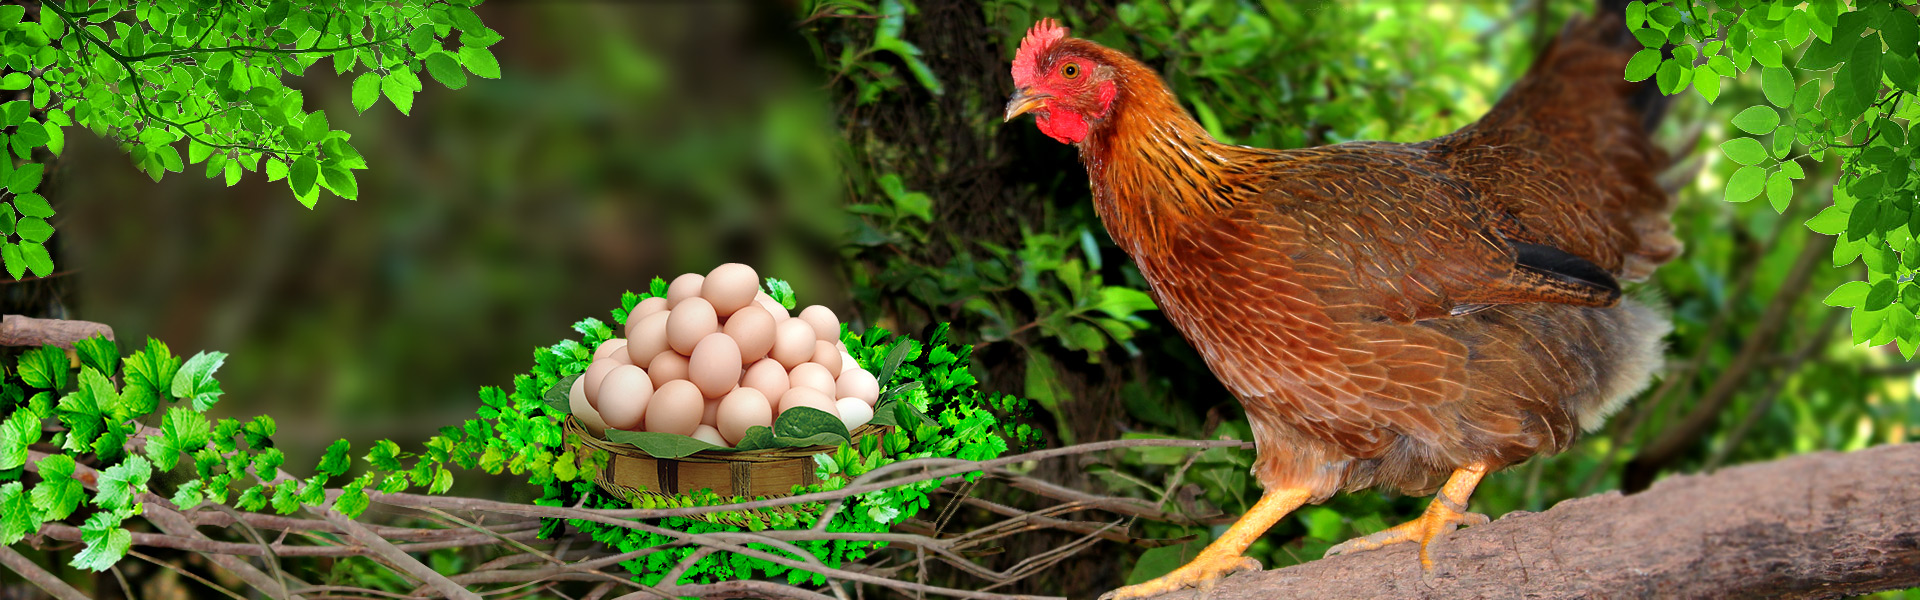 生态养殖土鸡